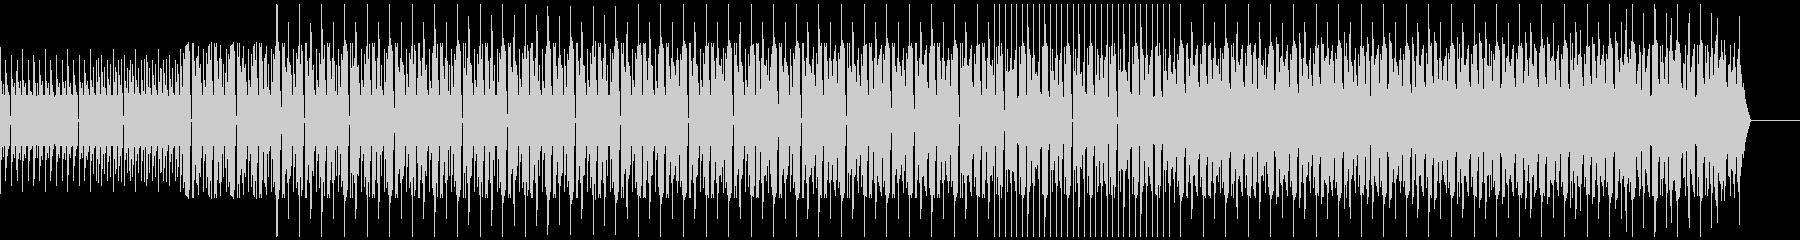 ベース,ハウスの未再生の波形